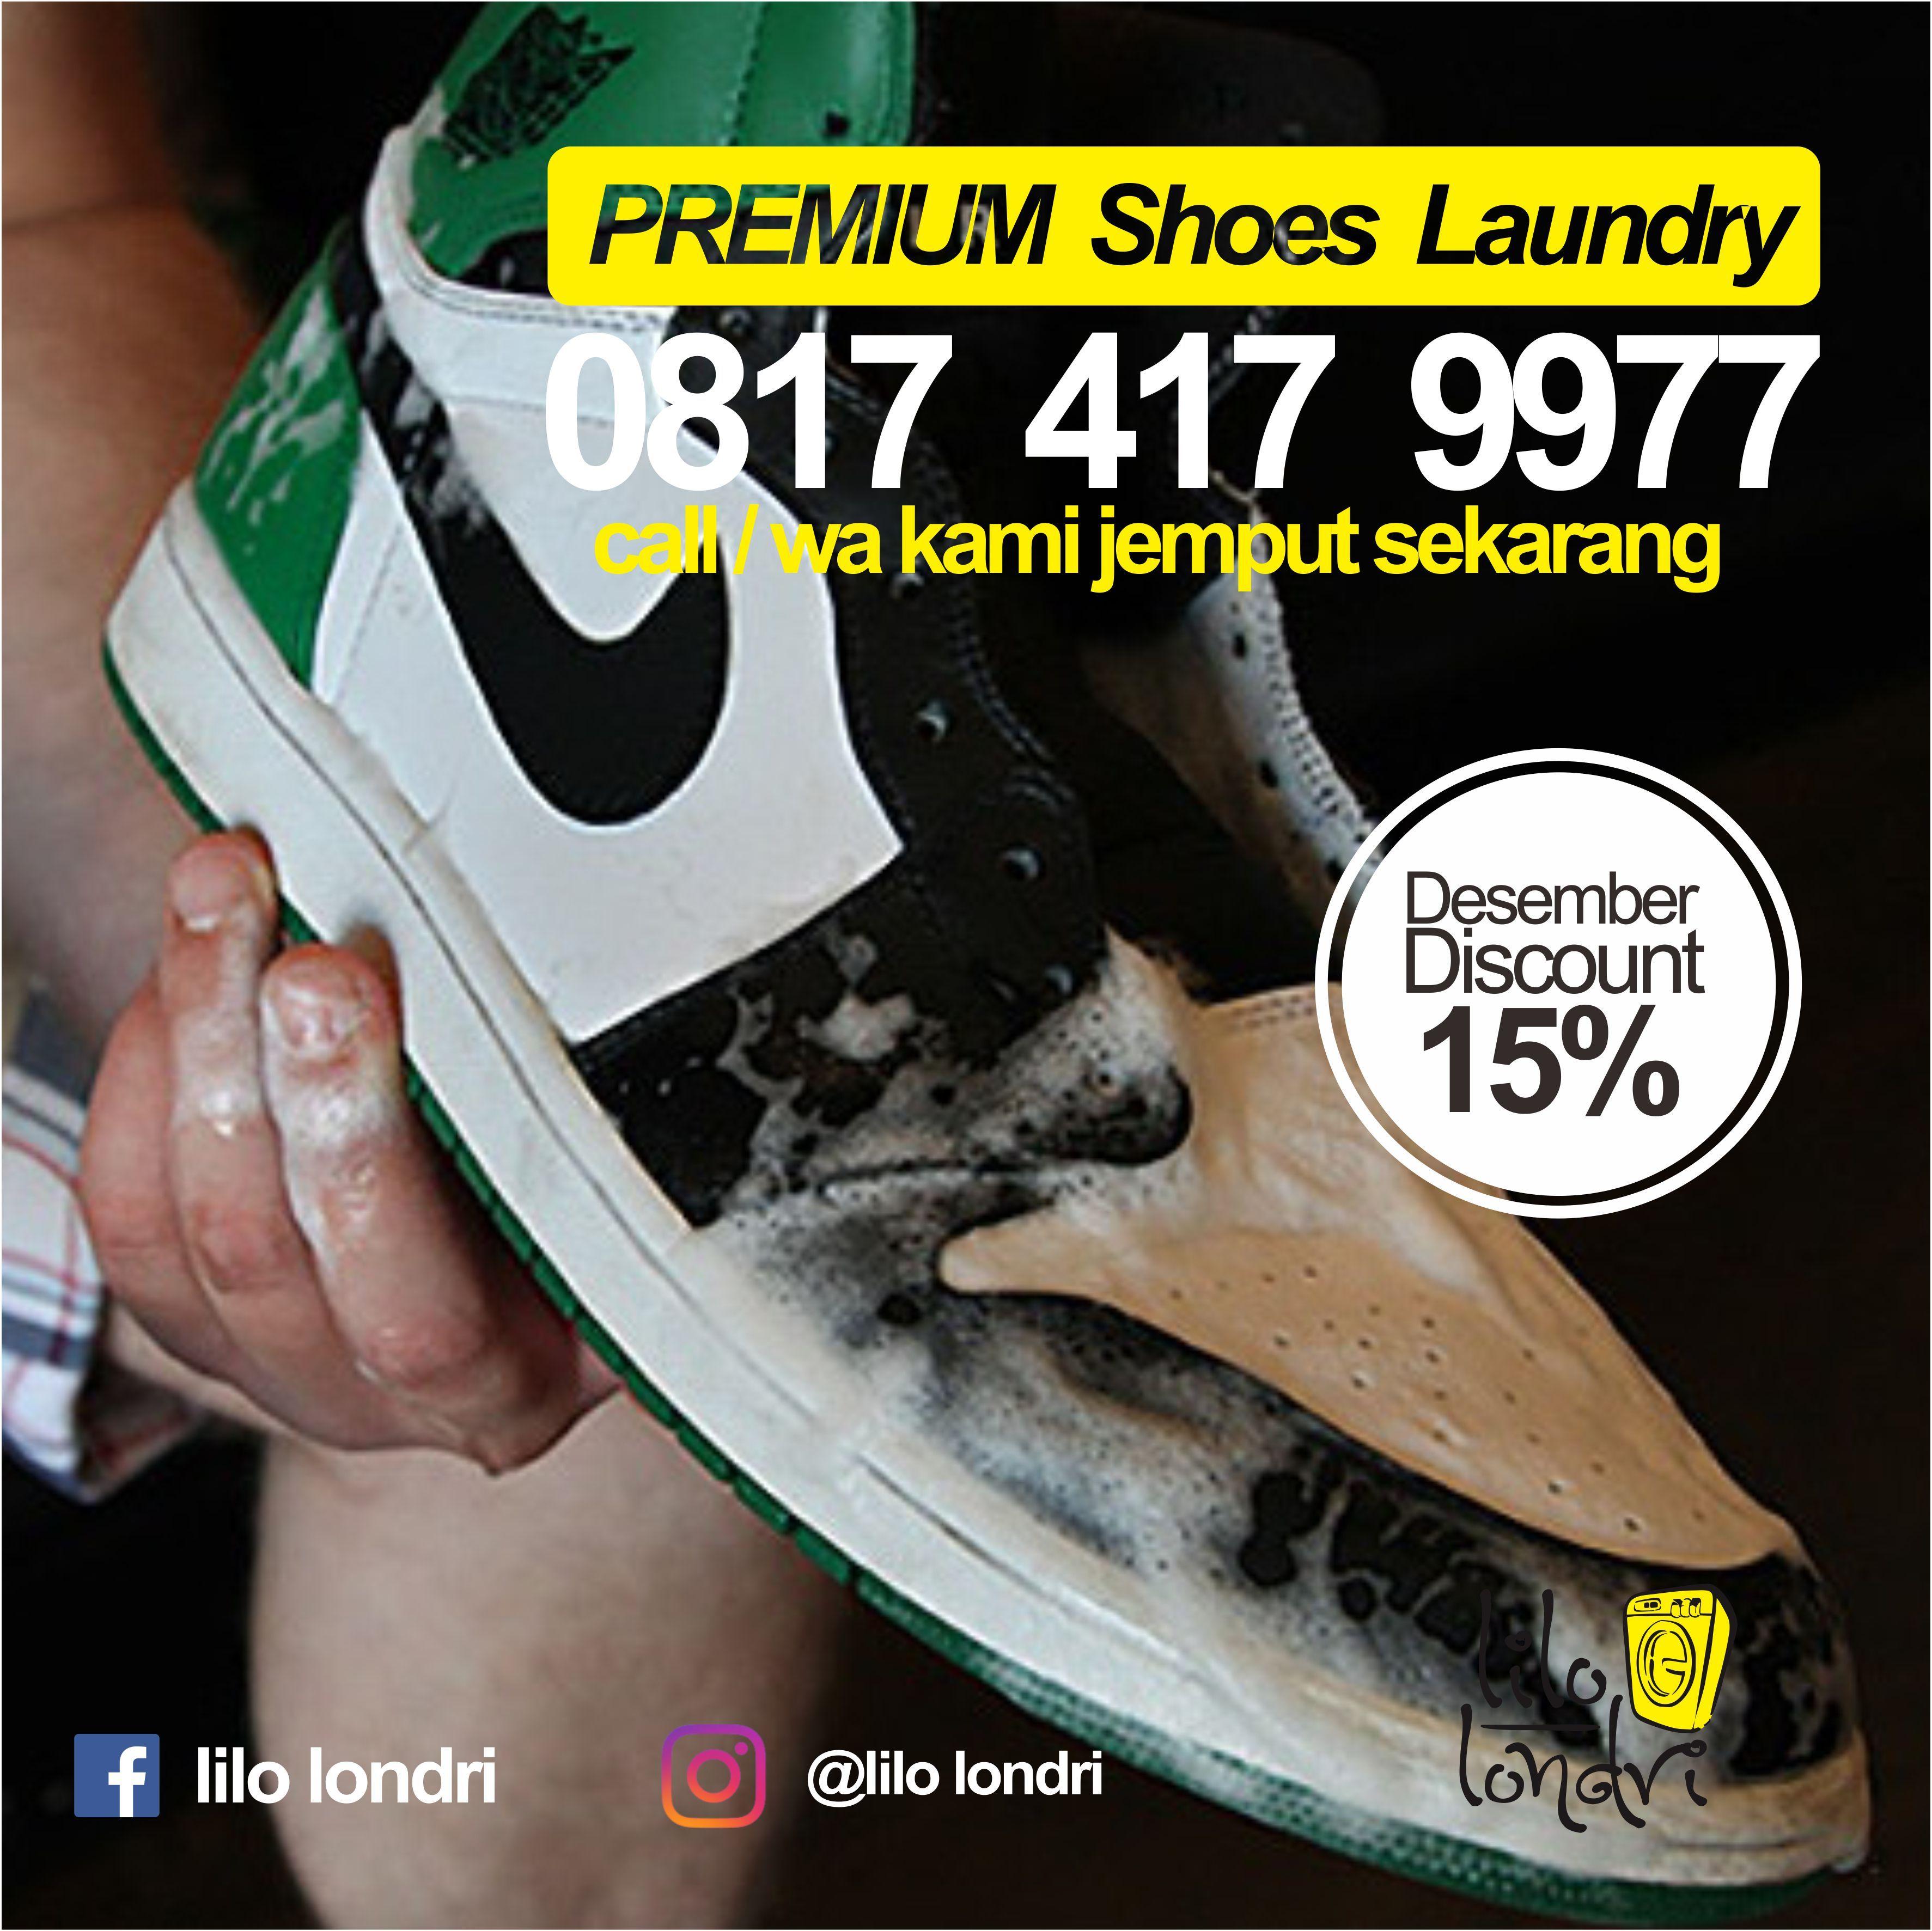 Laundry Sepatu Semarang Alamat Laundry Sepatu Di Semarang Shoe